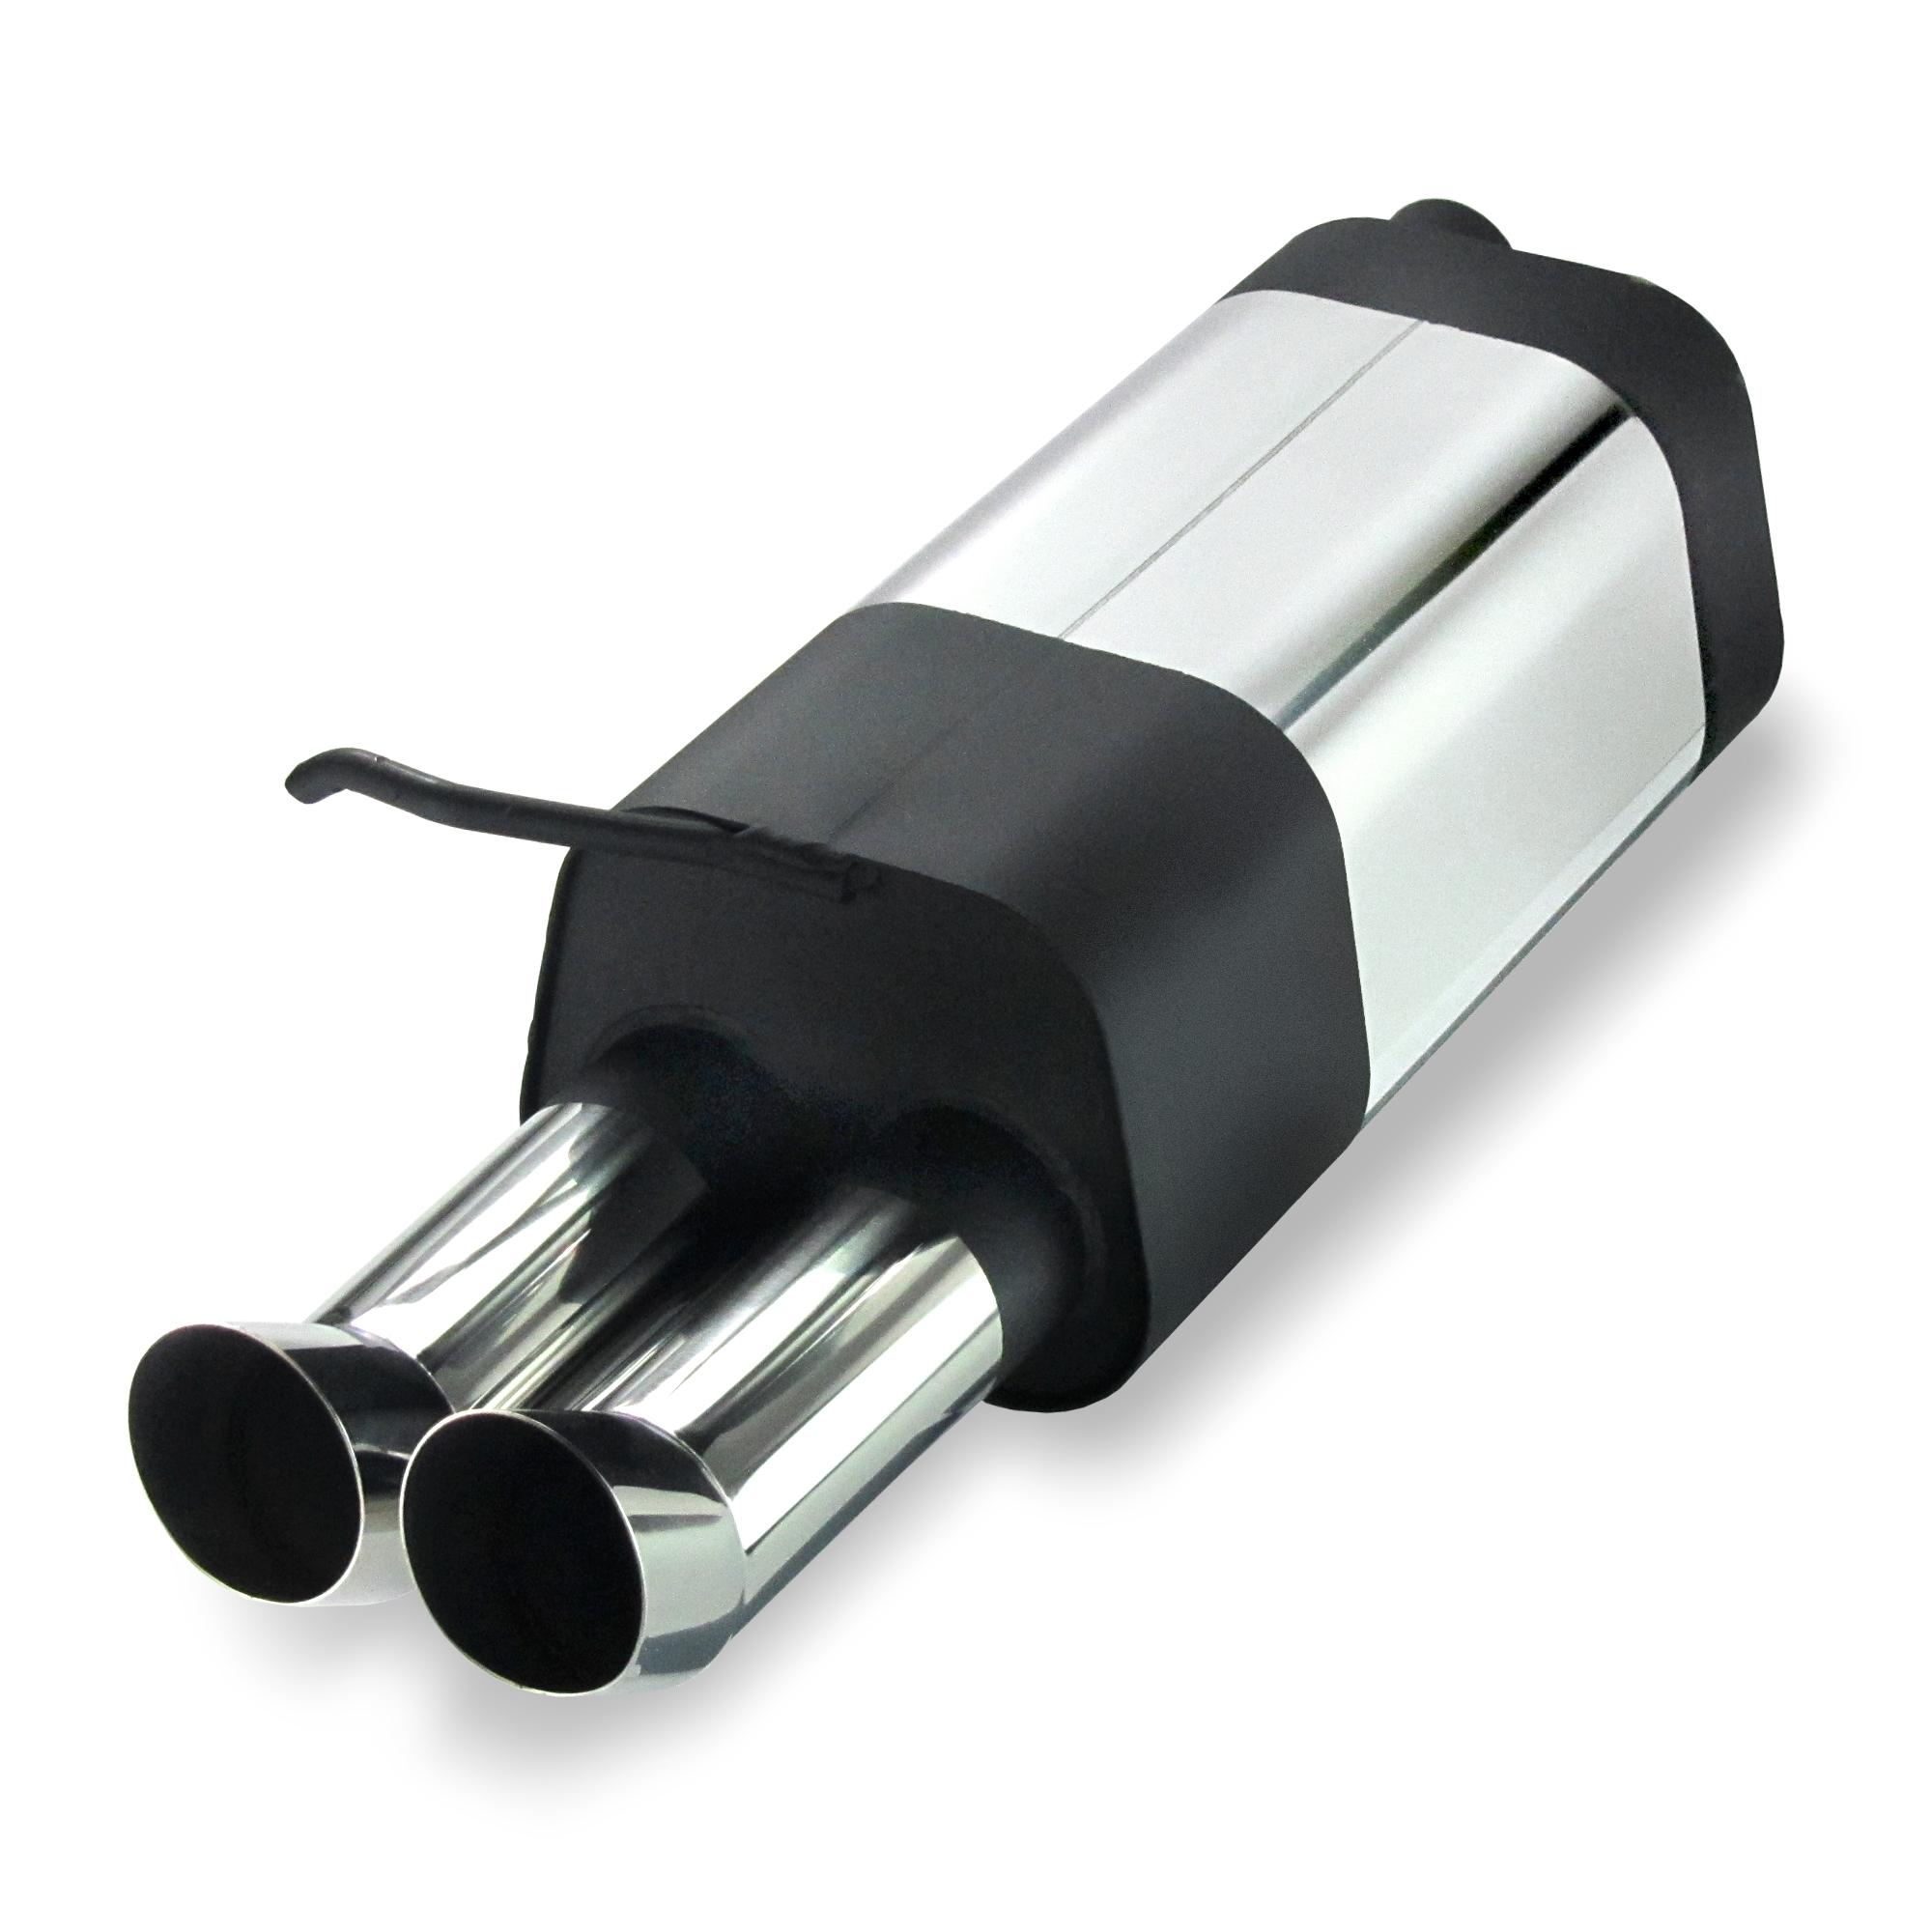 JOM Bagpotte rustfri stål med 2x76 mm afgange - DTM look. Til Seat Leon 1M Udvendig tilbehør > Udstødning